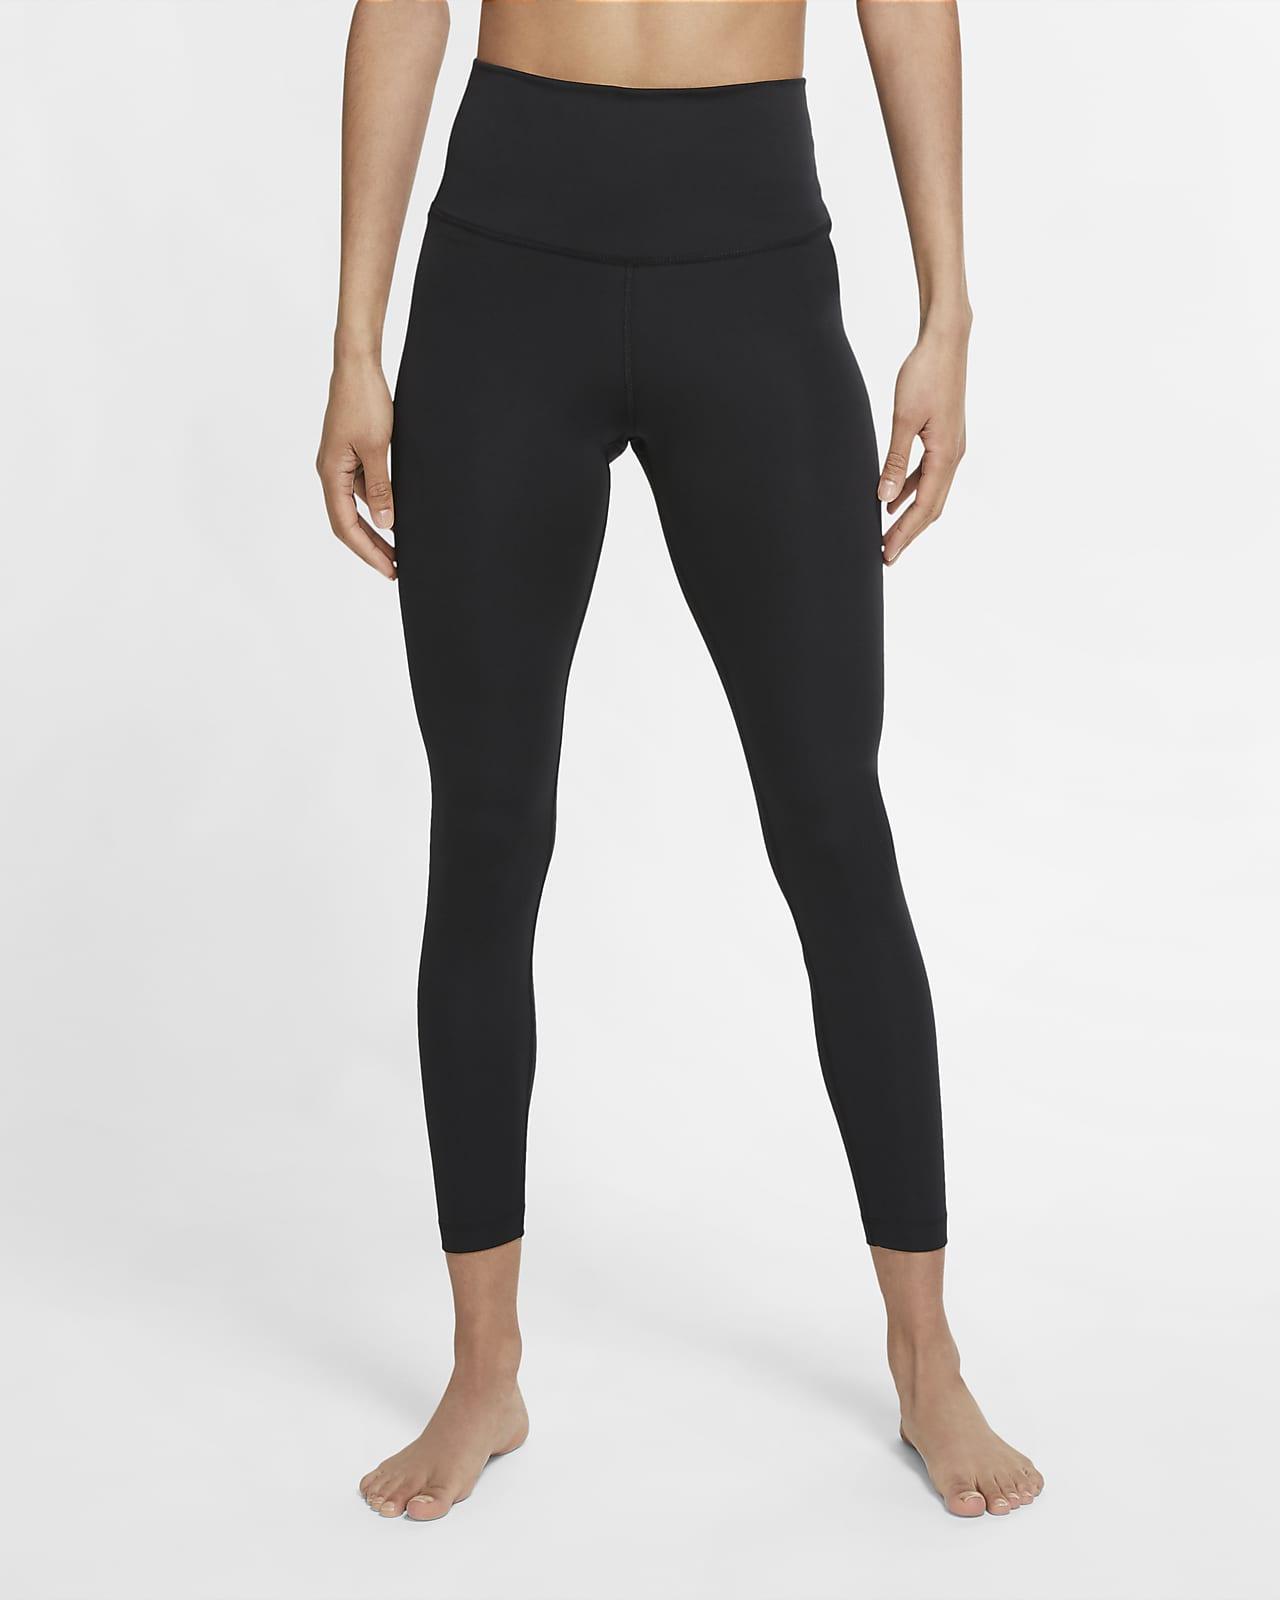 Nike Yoga Women's High-Waisted 7/8 Leggings